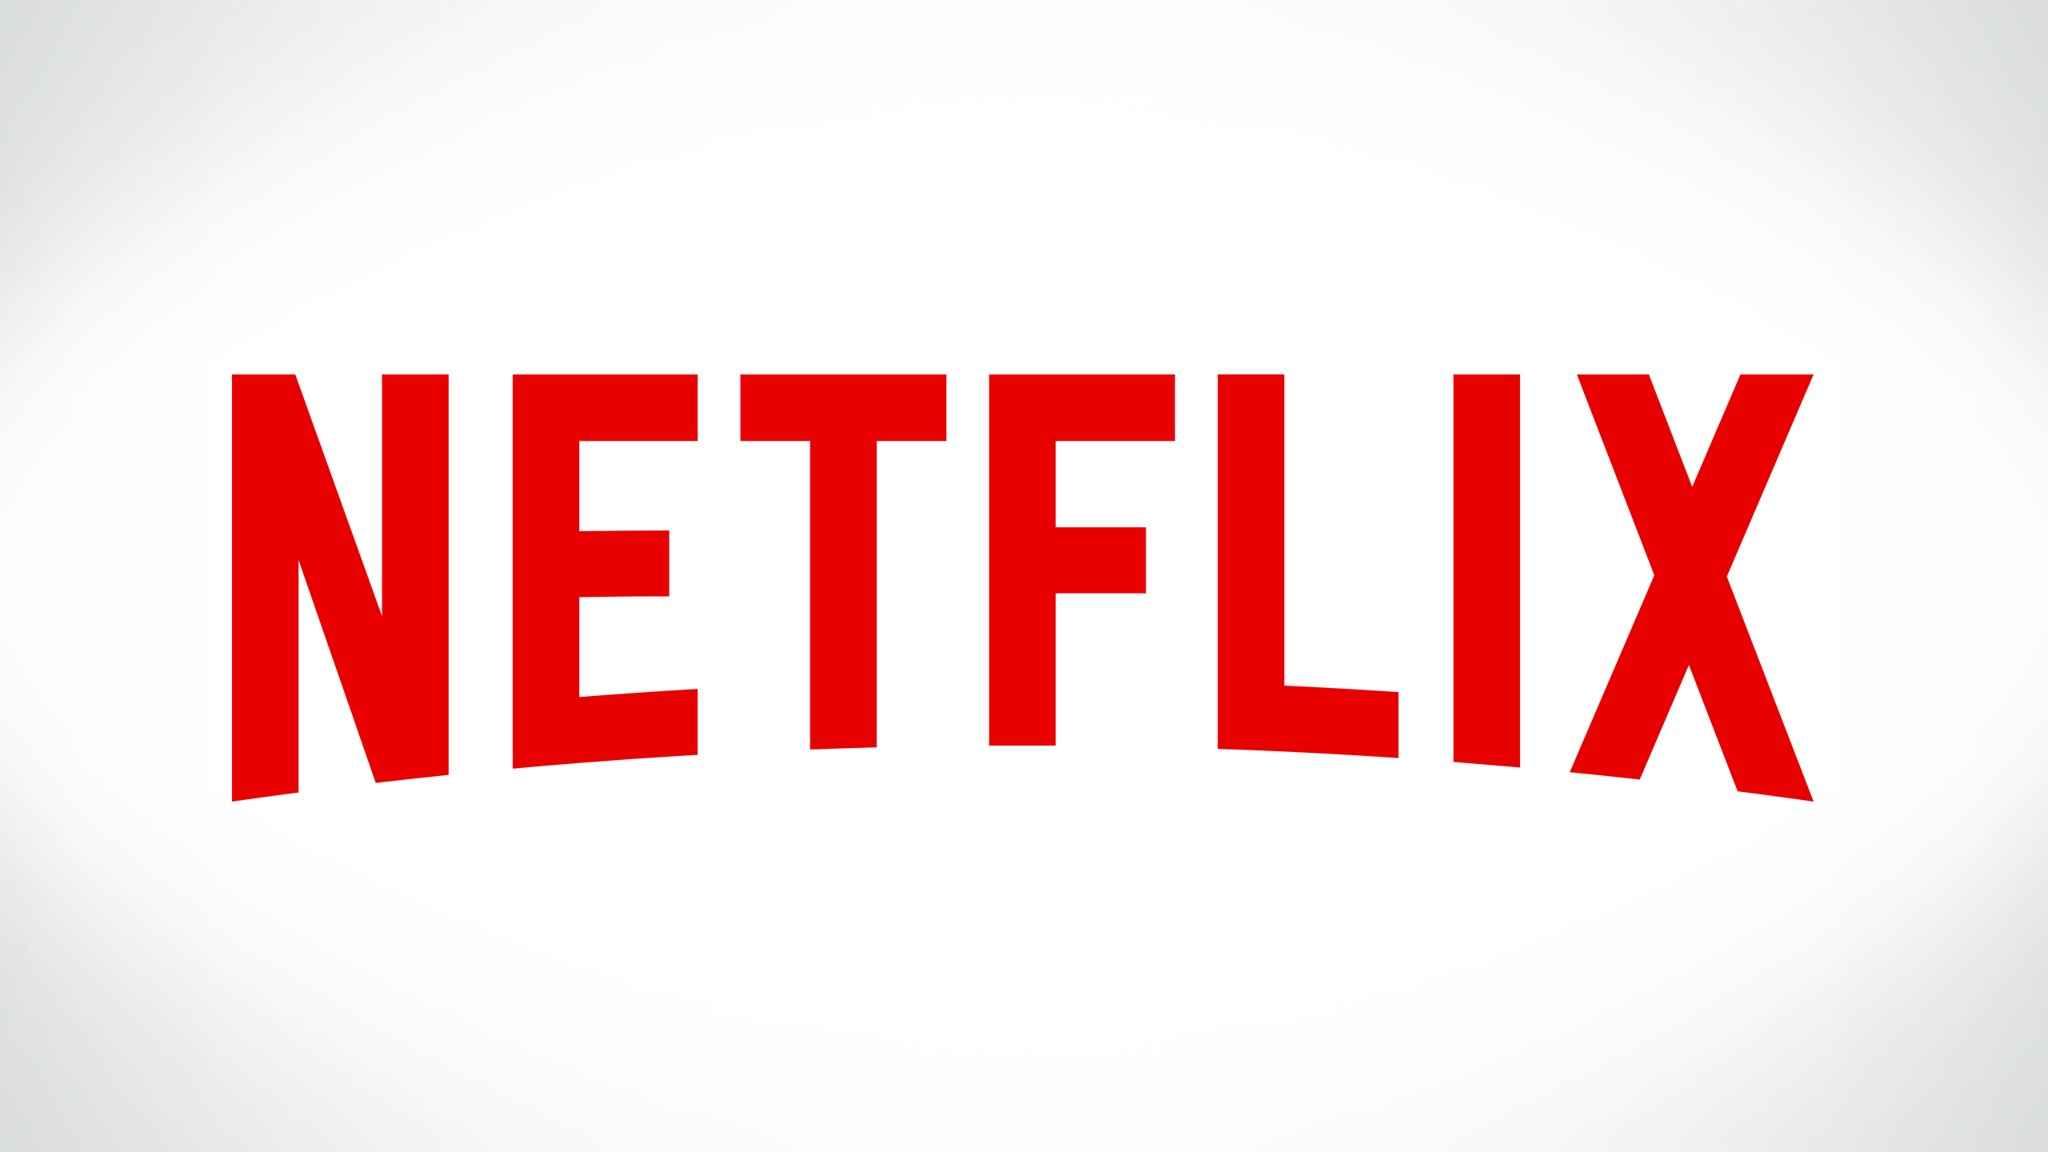 En İyi Popüler Netflix Filmleri ve Dizileri Önerileri IMDB Mart 2019